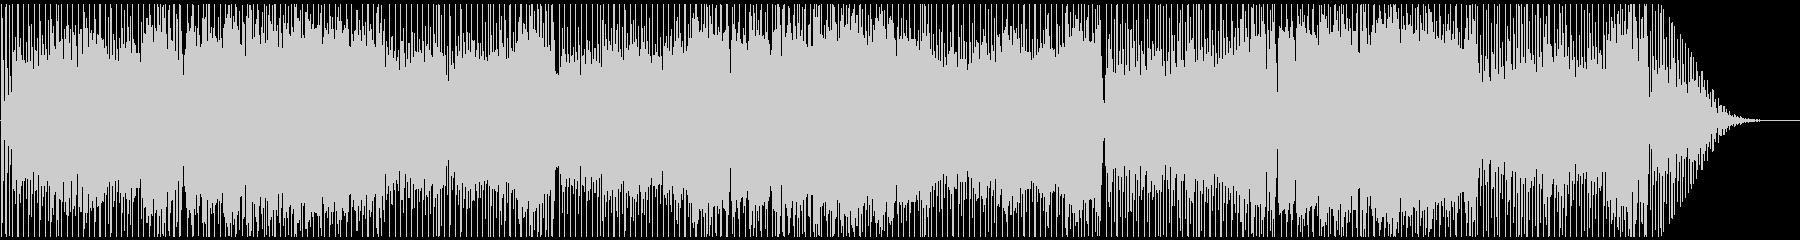 カンフー・中華風・アレンジバージョンの未再生の波形